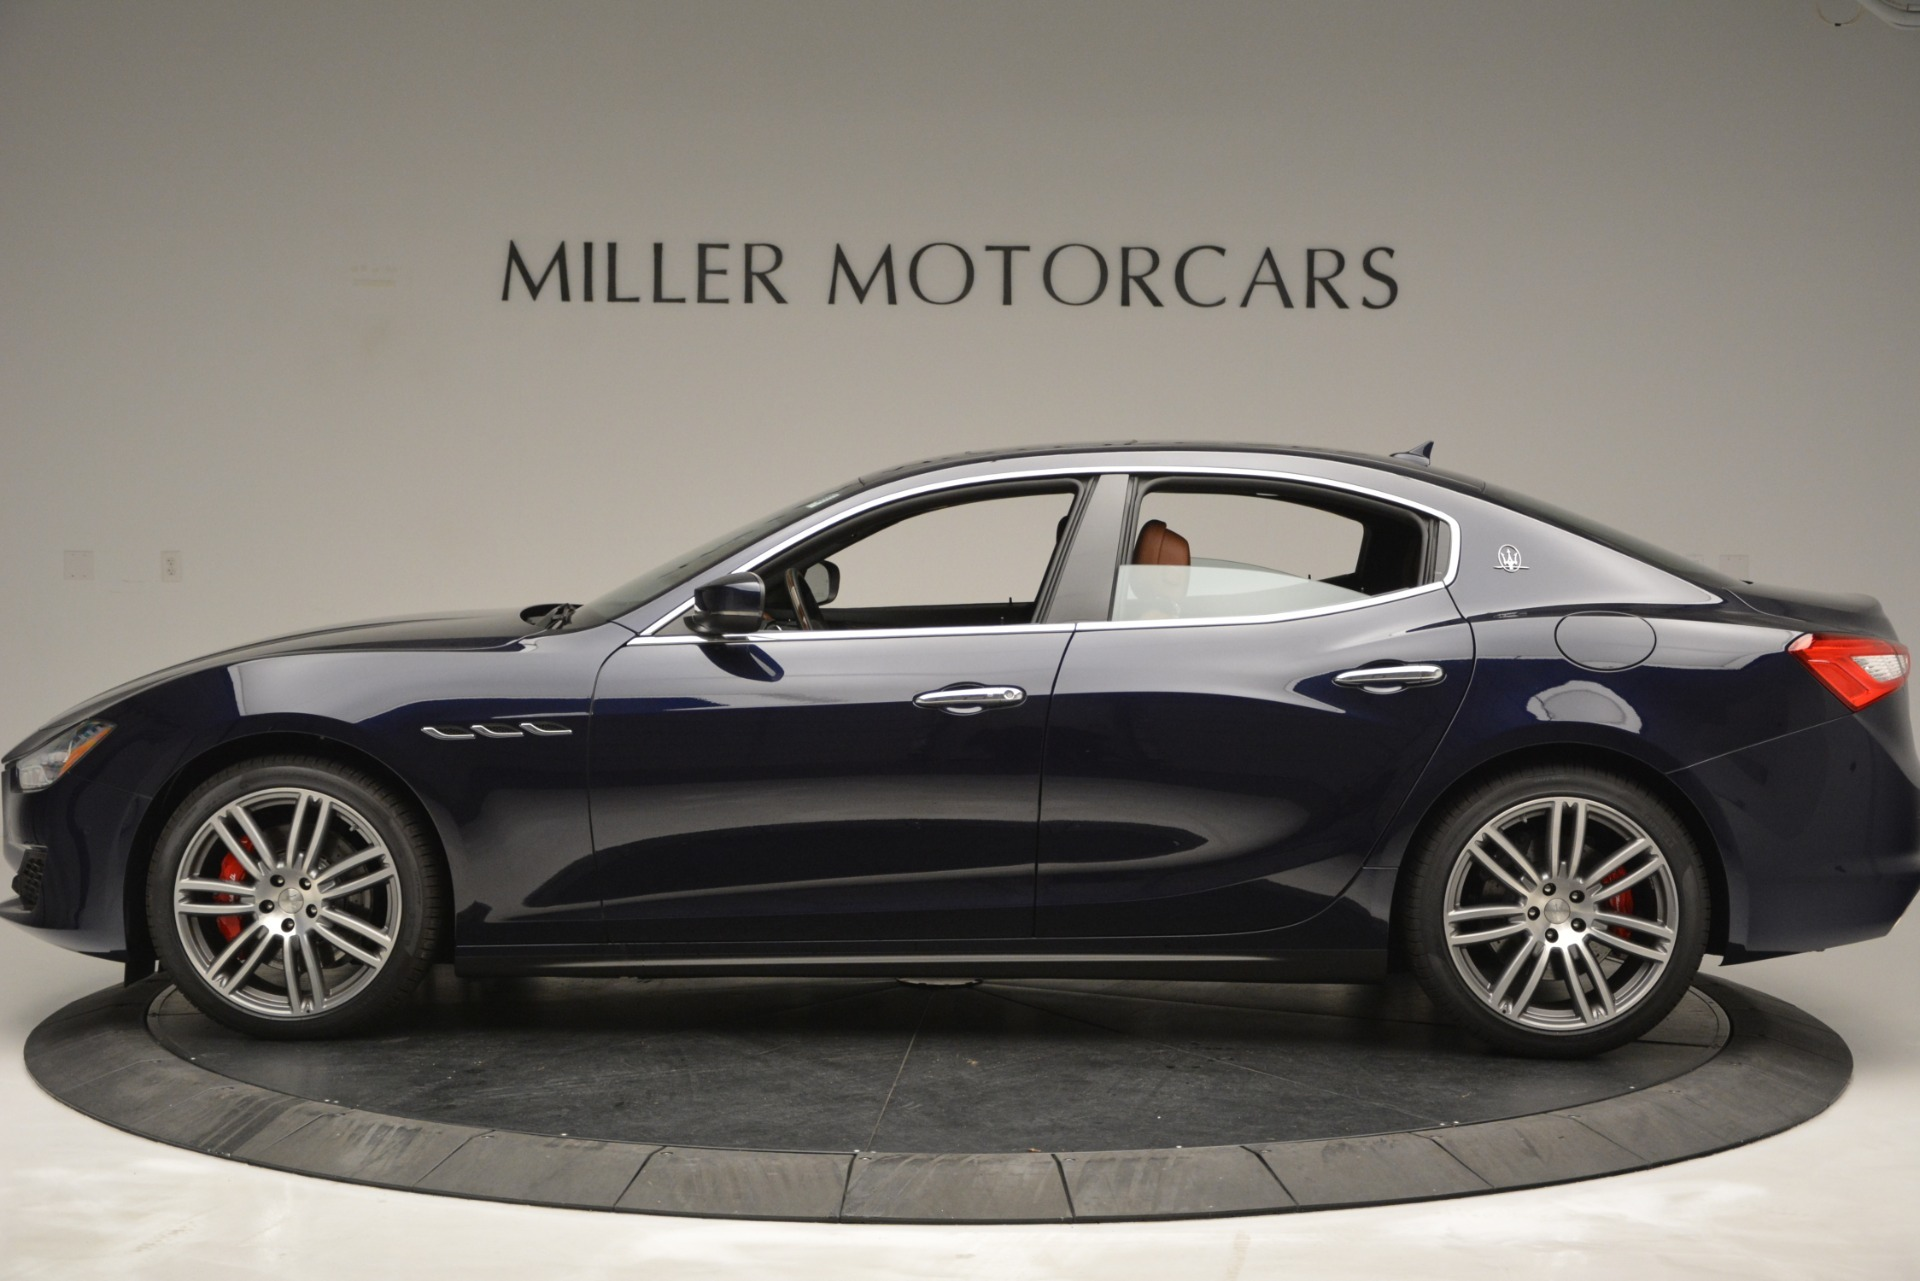 New 2019 Maserati Ghibli S Q4 For Sale In Greenwich, CT. Alfa Romeo of Greenwich, M2203 2737_p3